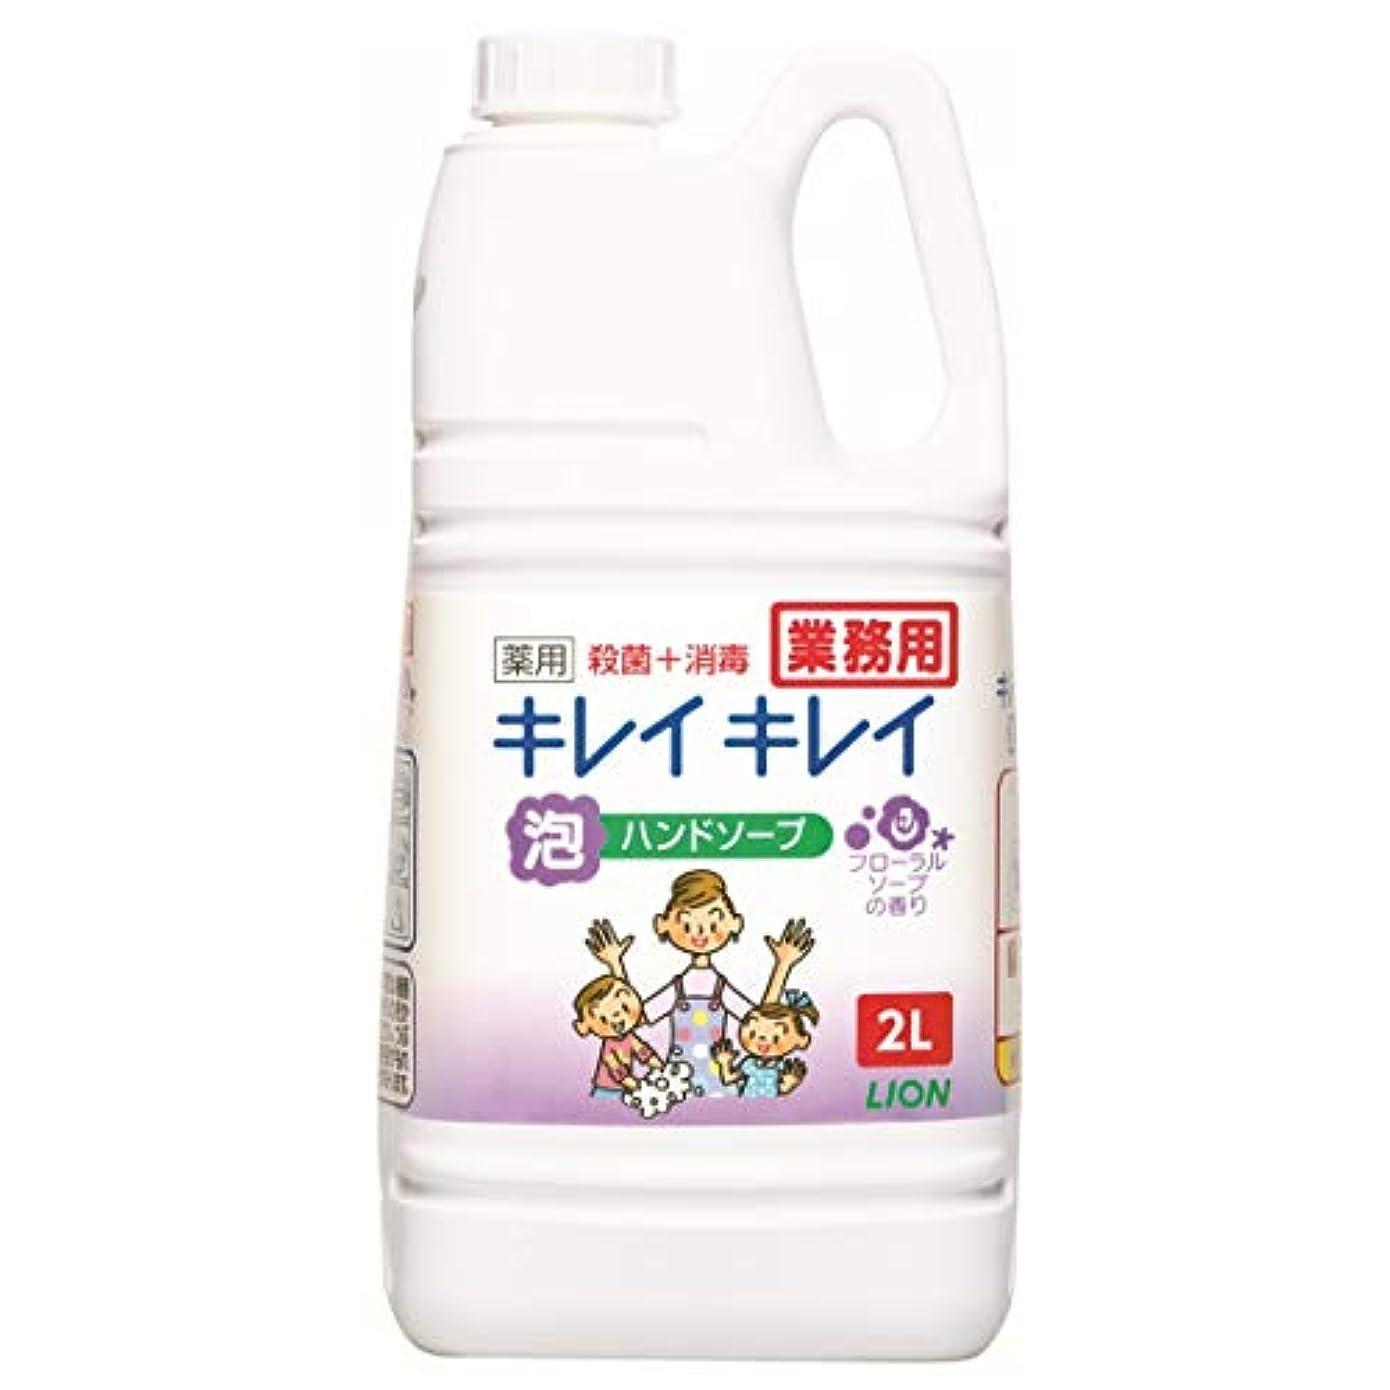 不機嫌囲いアーティキュレーション【大容量】キレイキレイ 薬用泡ハンドソープ フローラルソープの香り 2L